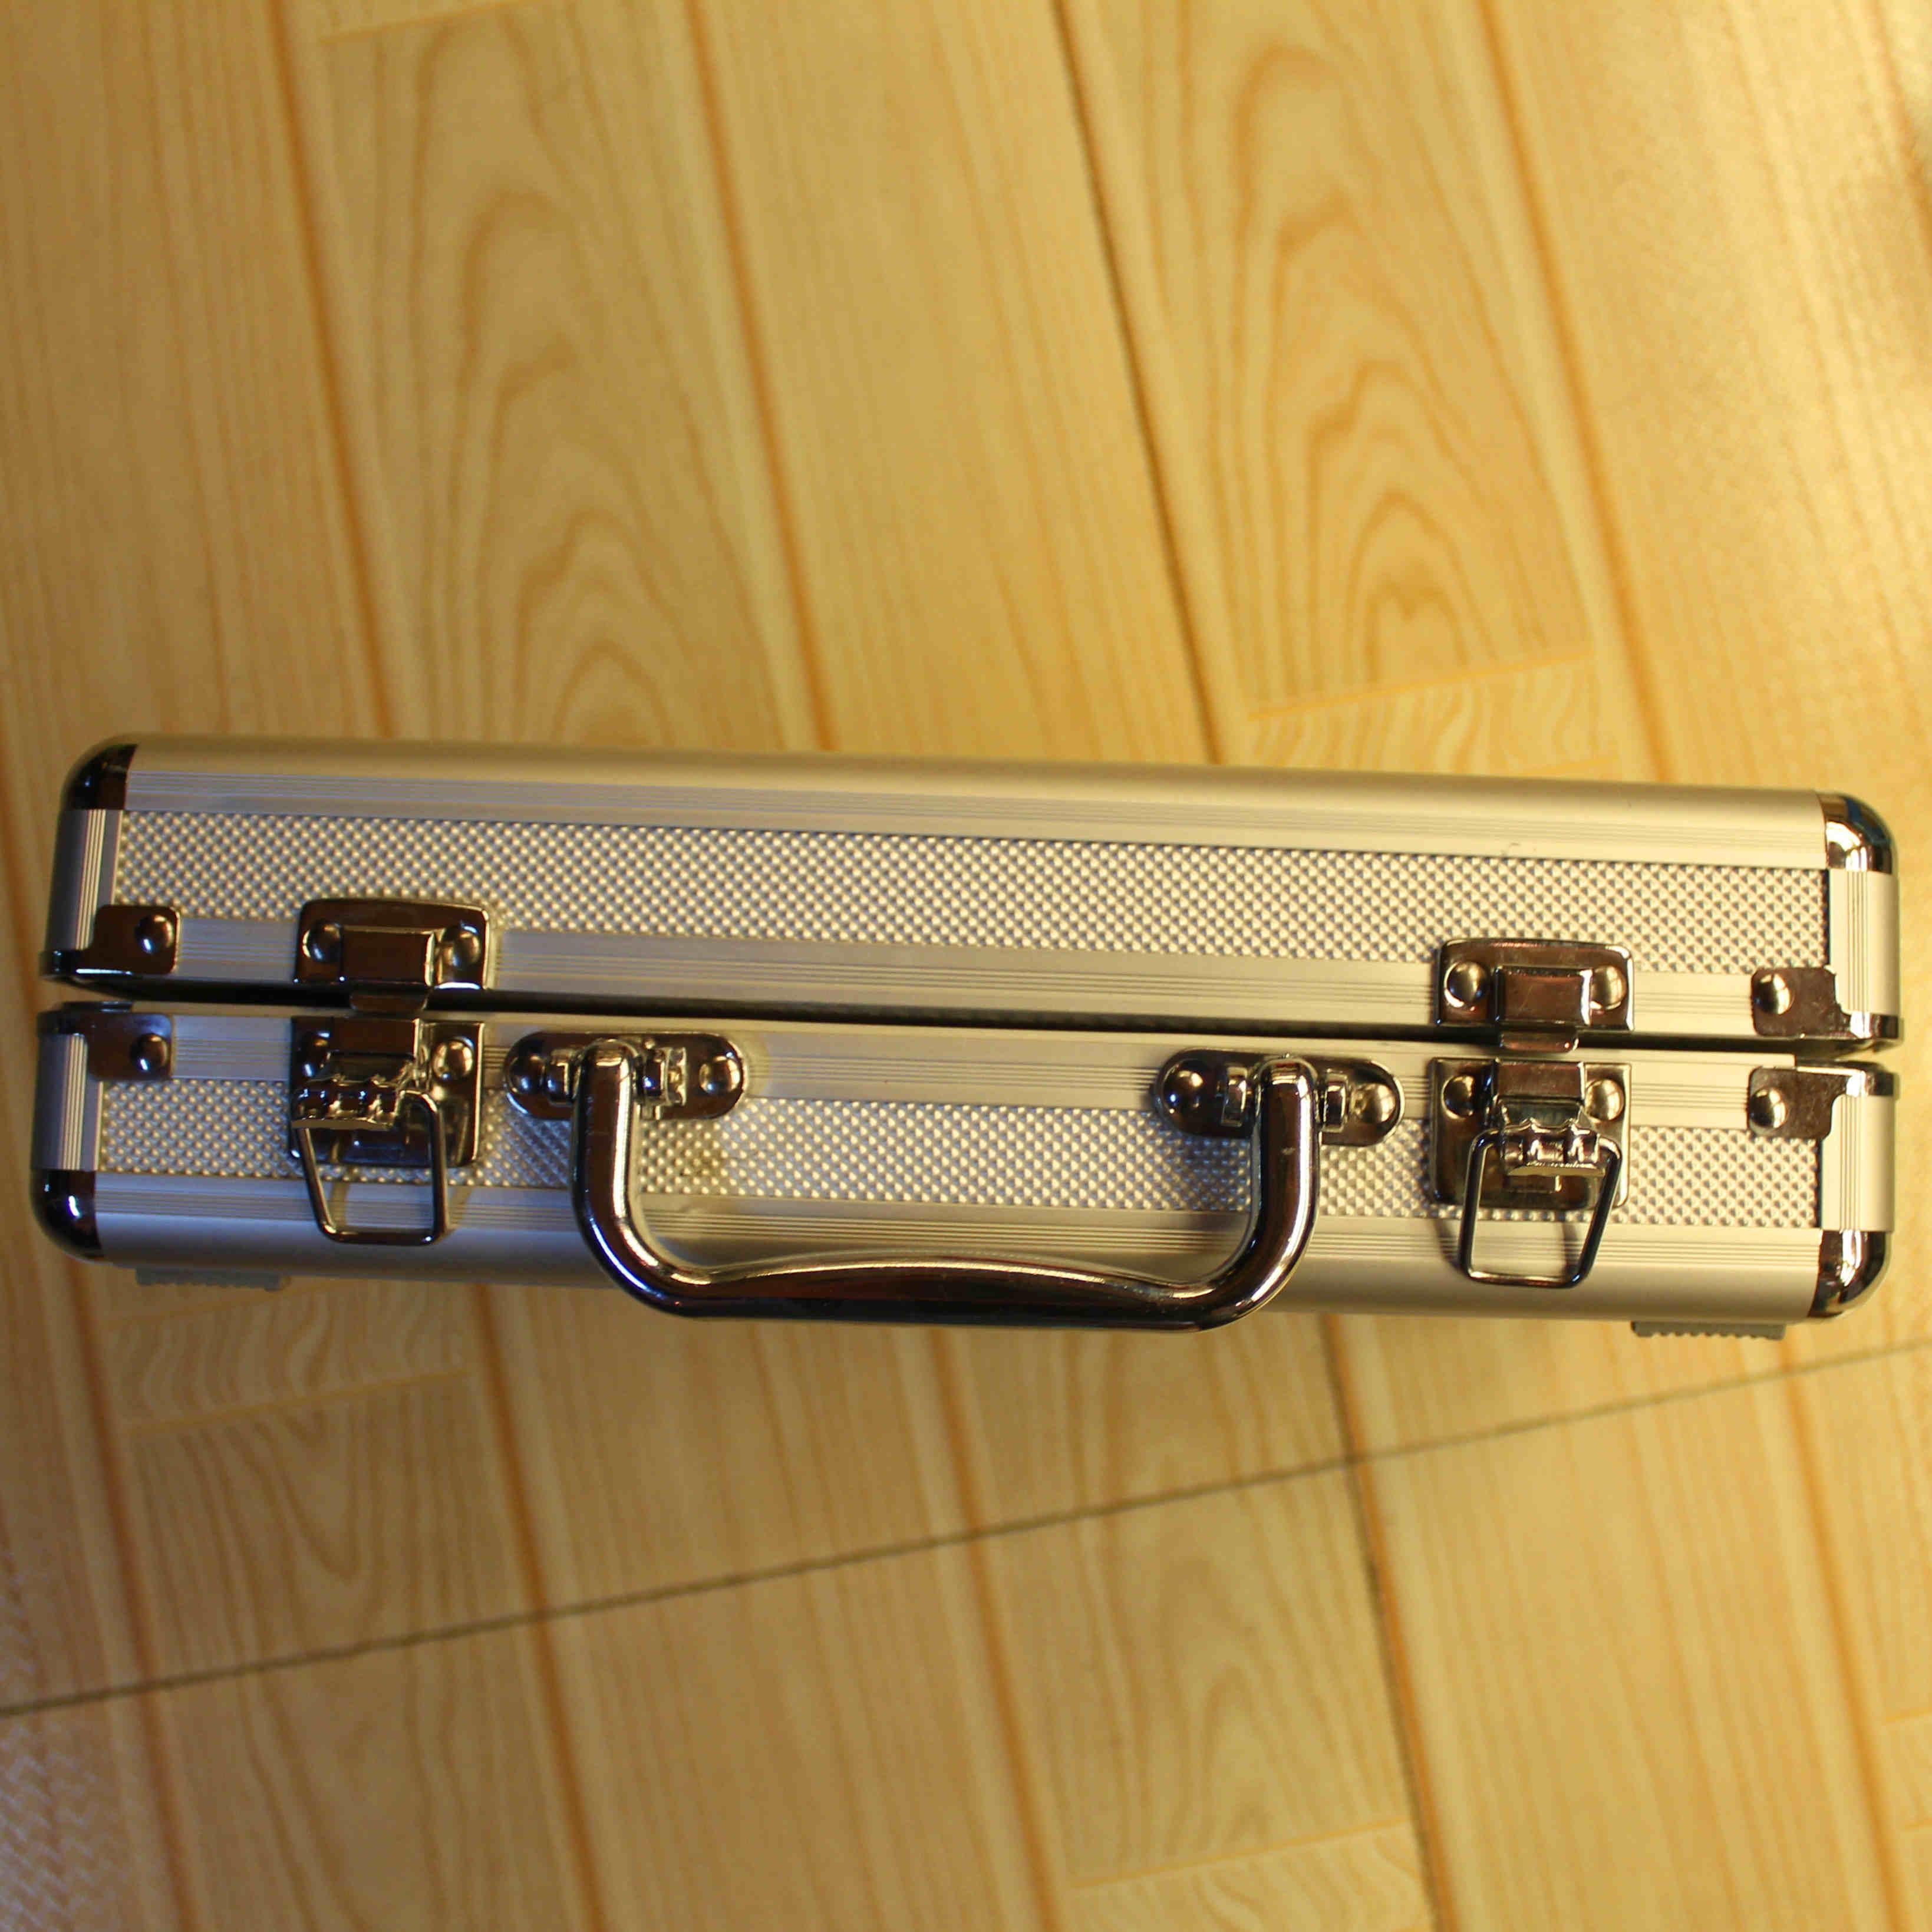 专业演奏陶笛 件套 4 风雅 孔专业演奏级陶笛套装 12 风雅